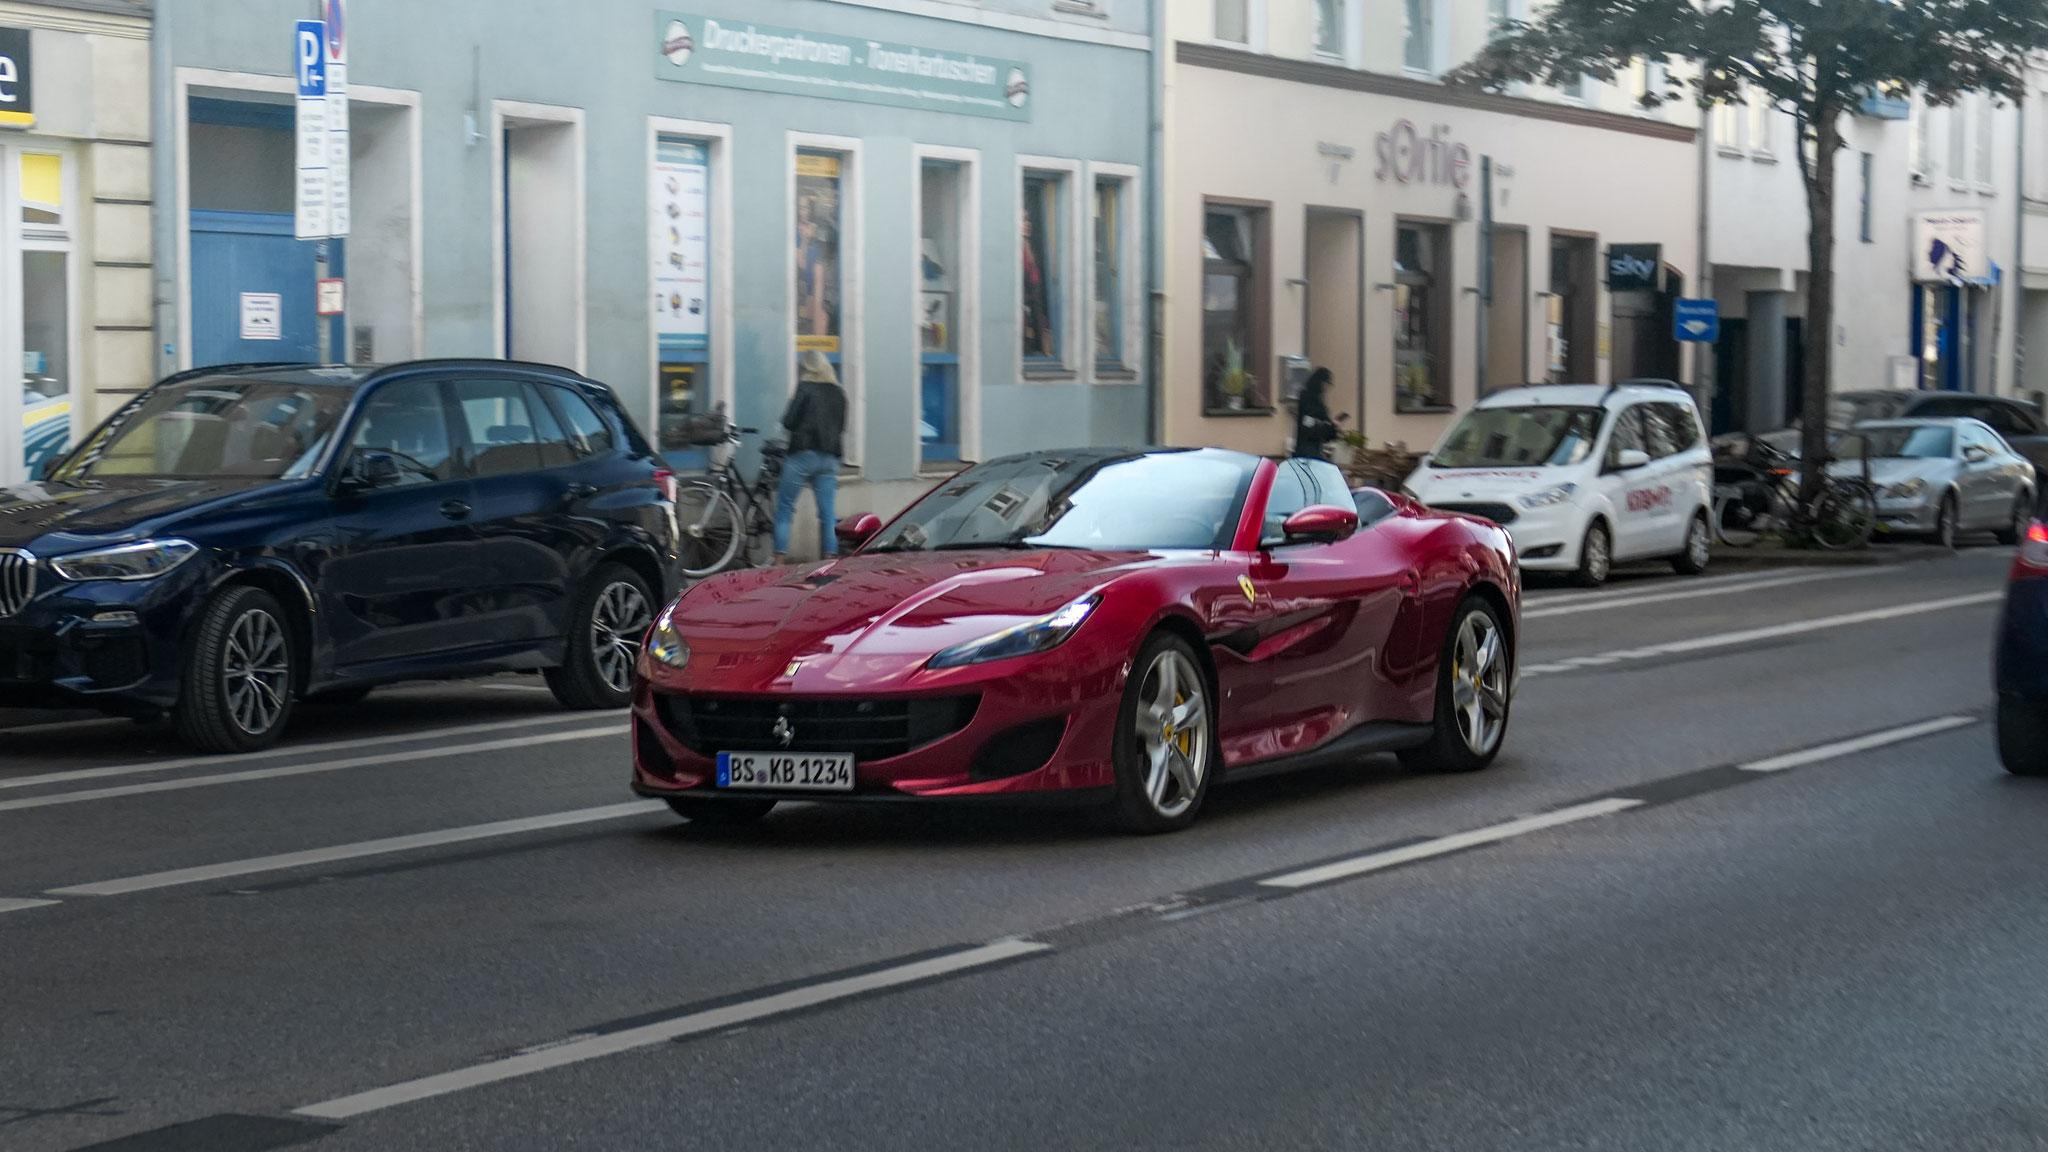 Ferrari Portofino - BS-KB-1234